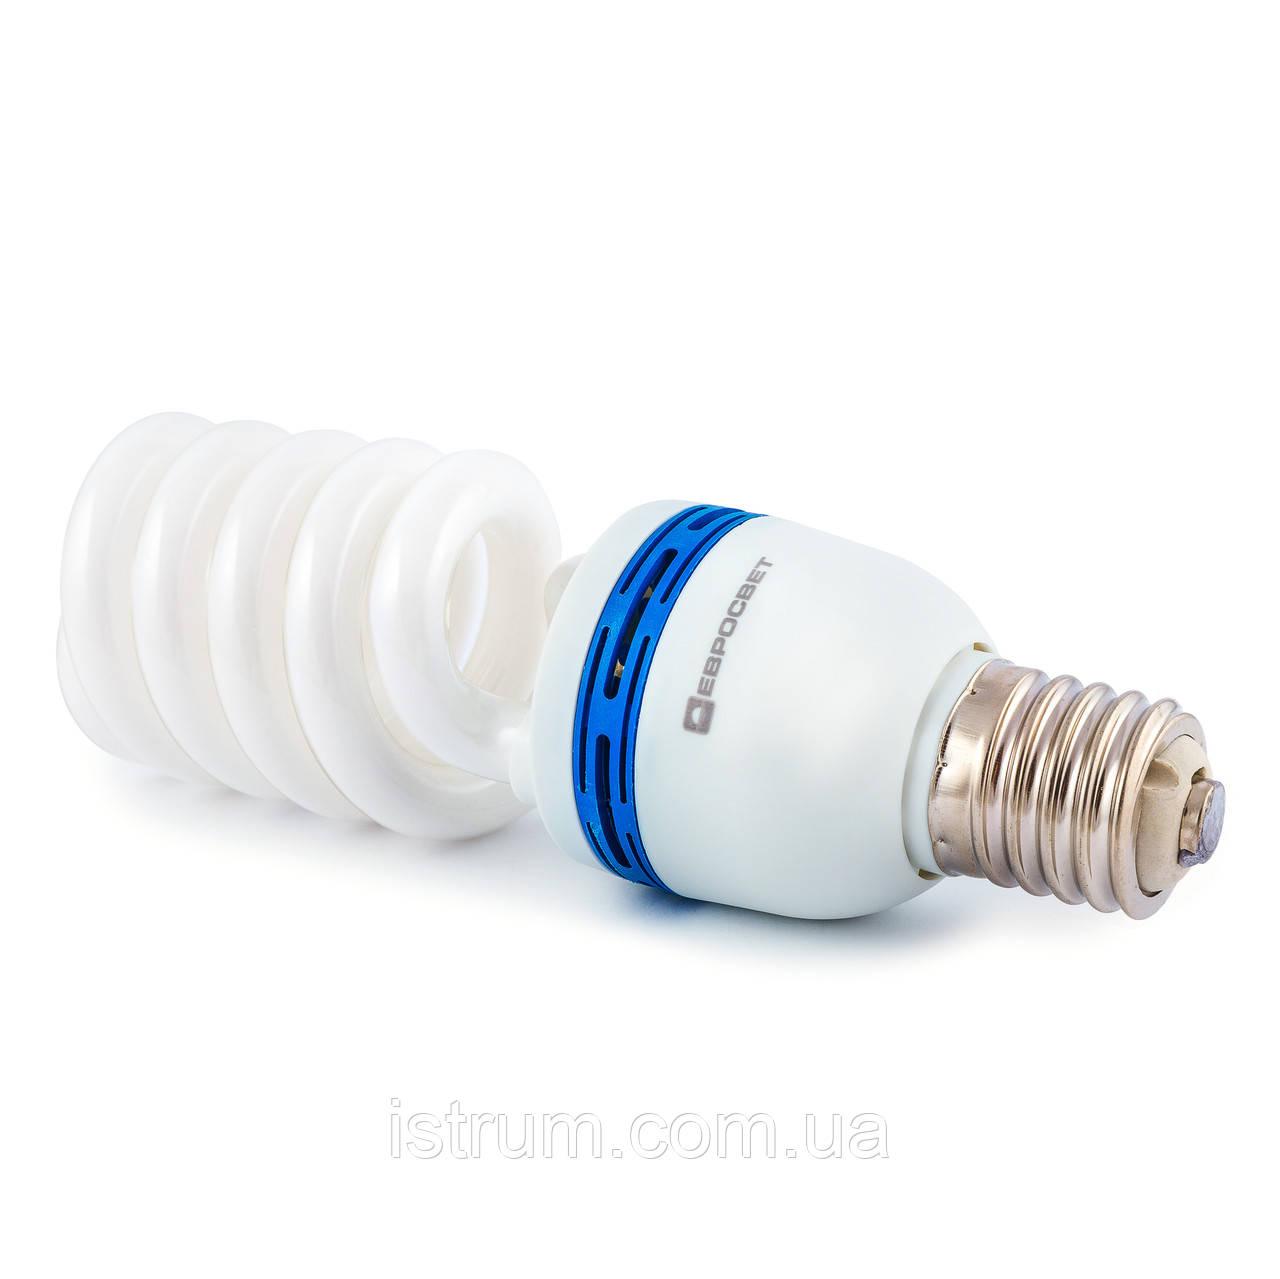 Лампа энергосберегающая 55Вт Е40 4200К (Евросвет)